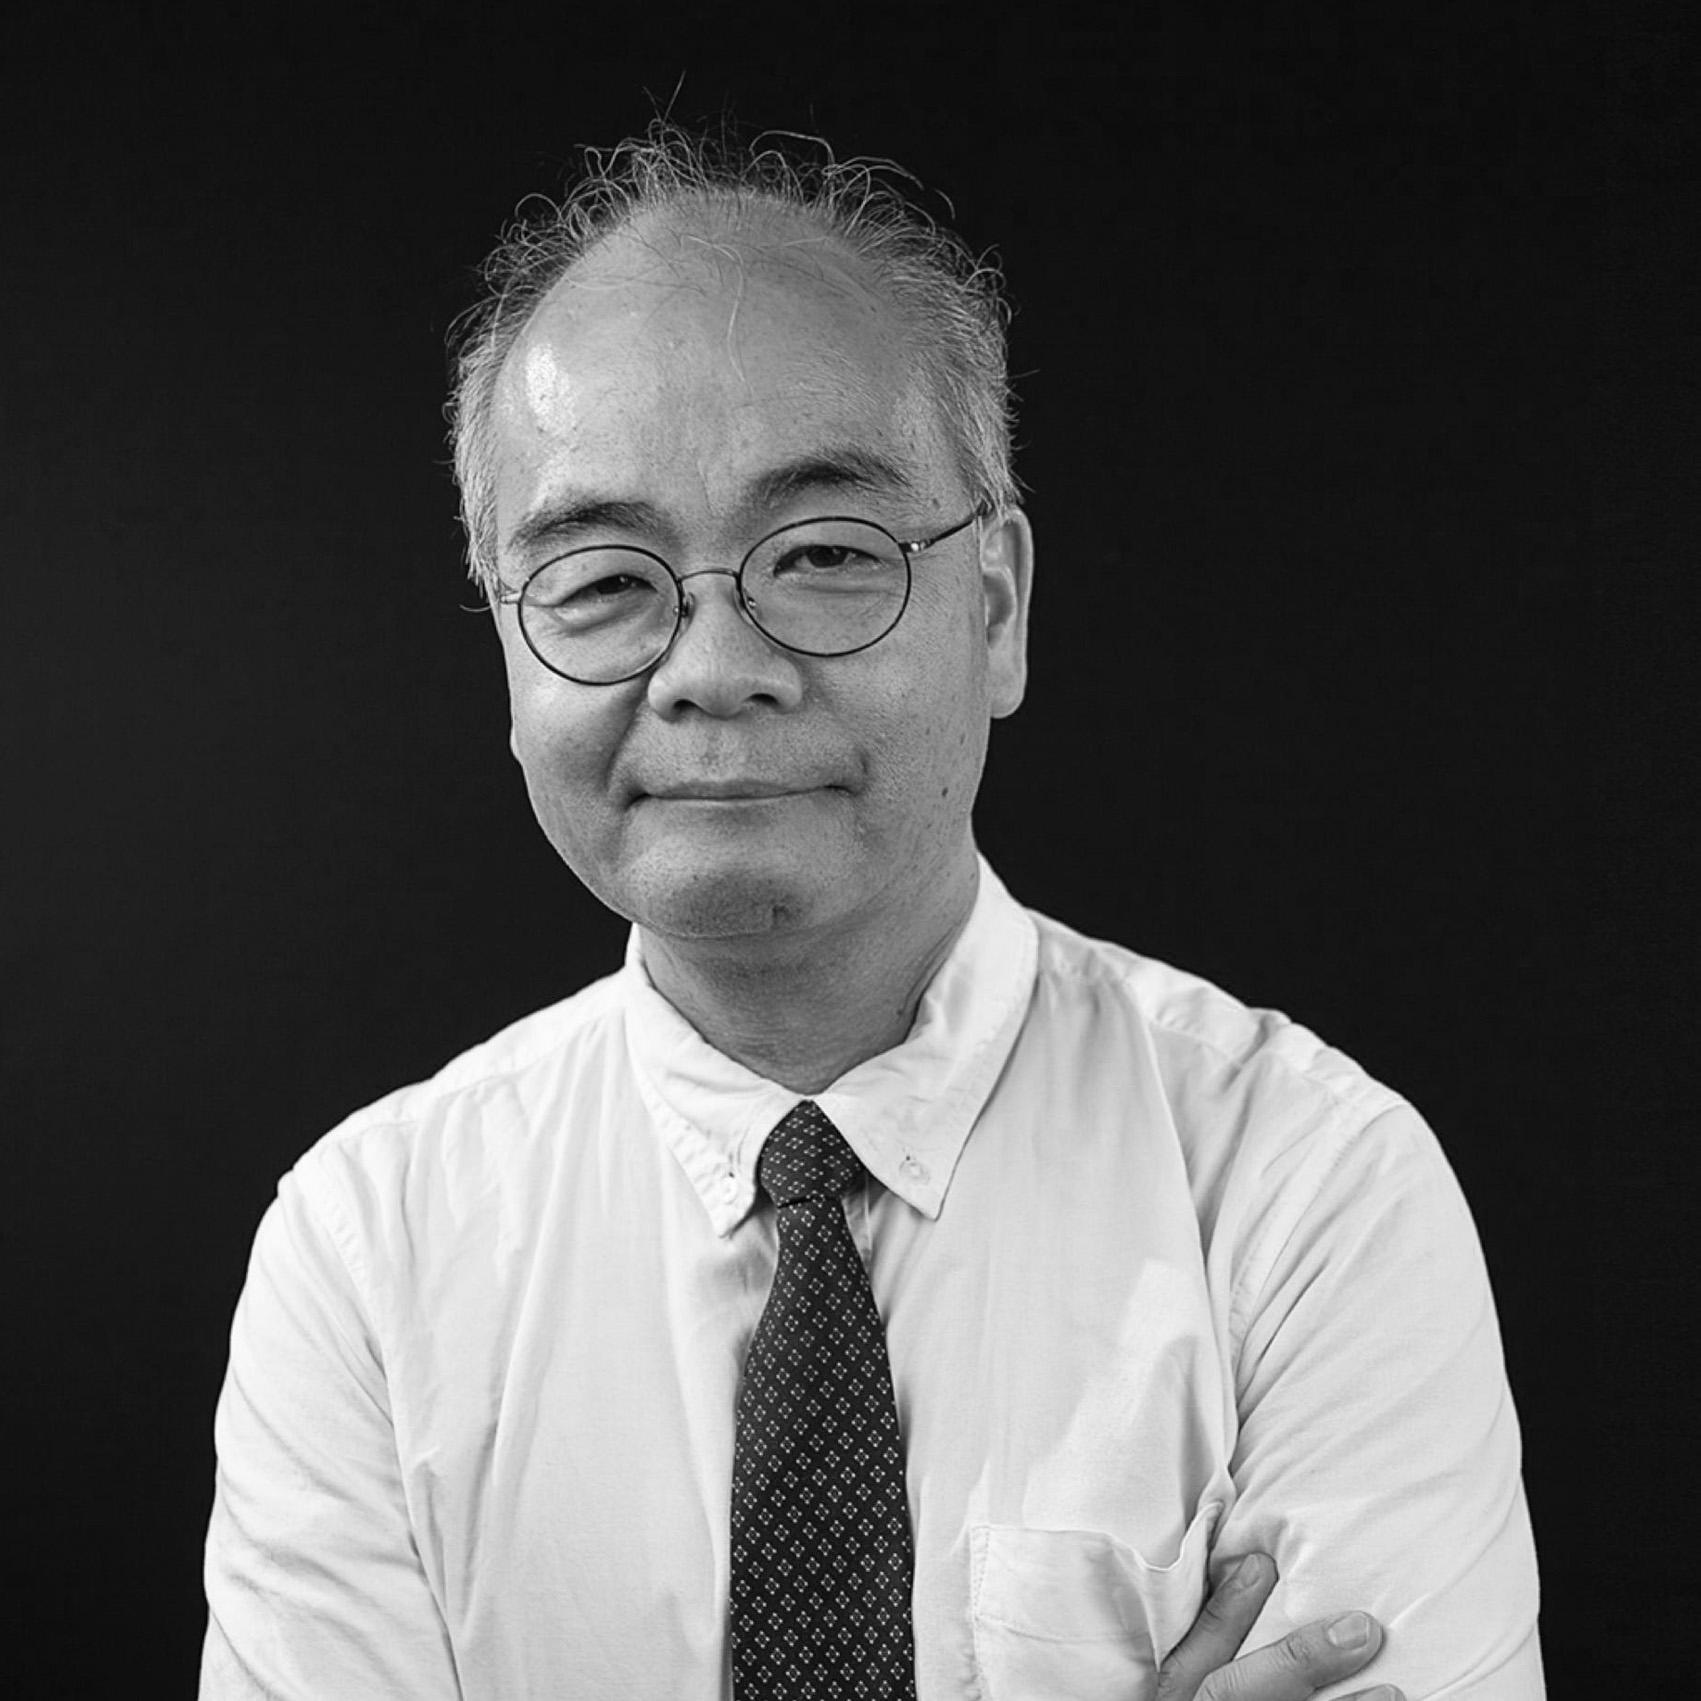 Toshihisa Kumazawa